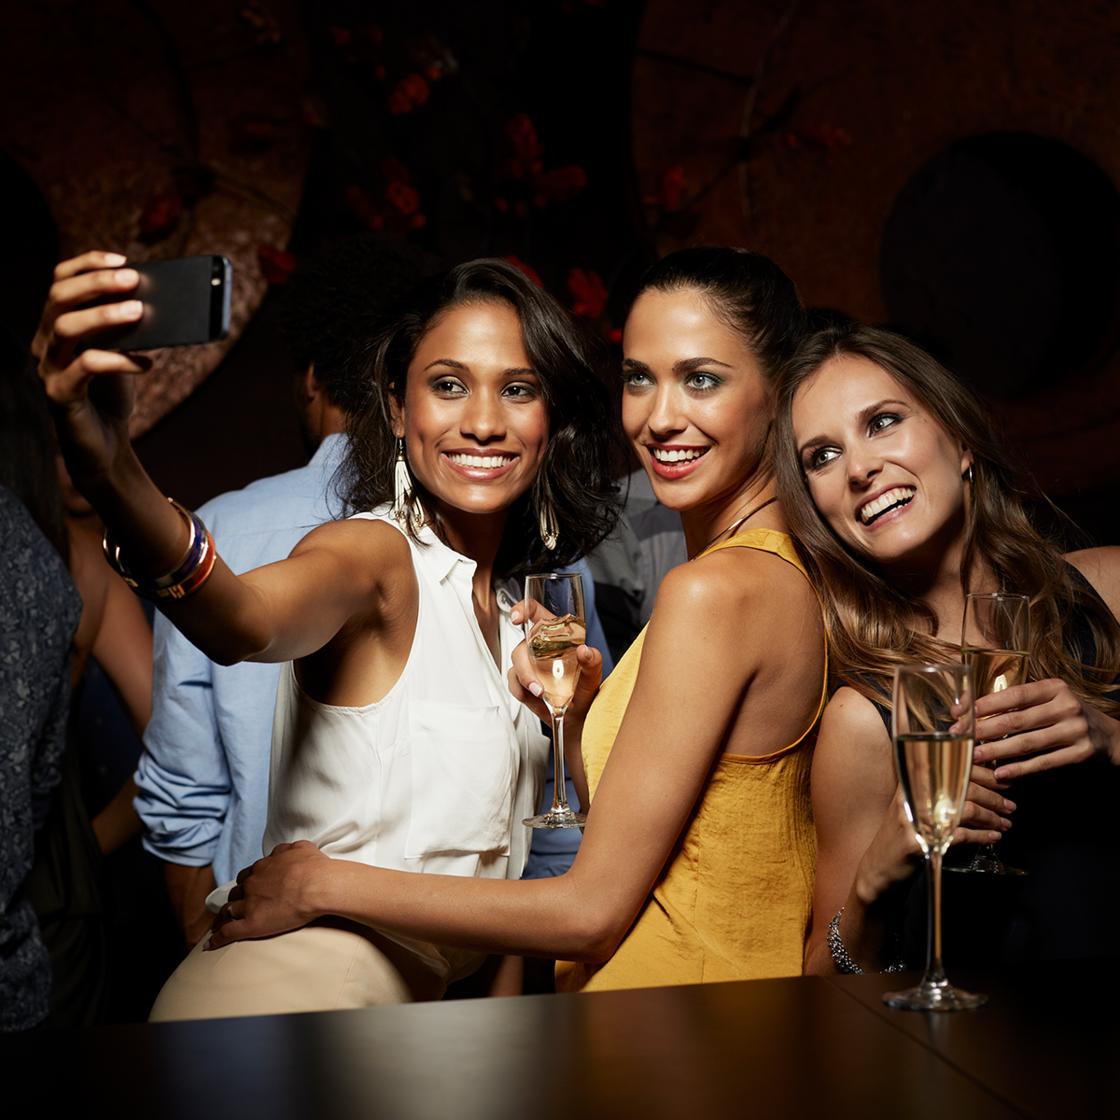 Bei Selfie mit Freunden übersieht junge Frau ein wichtiges